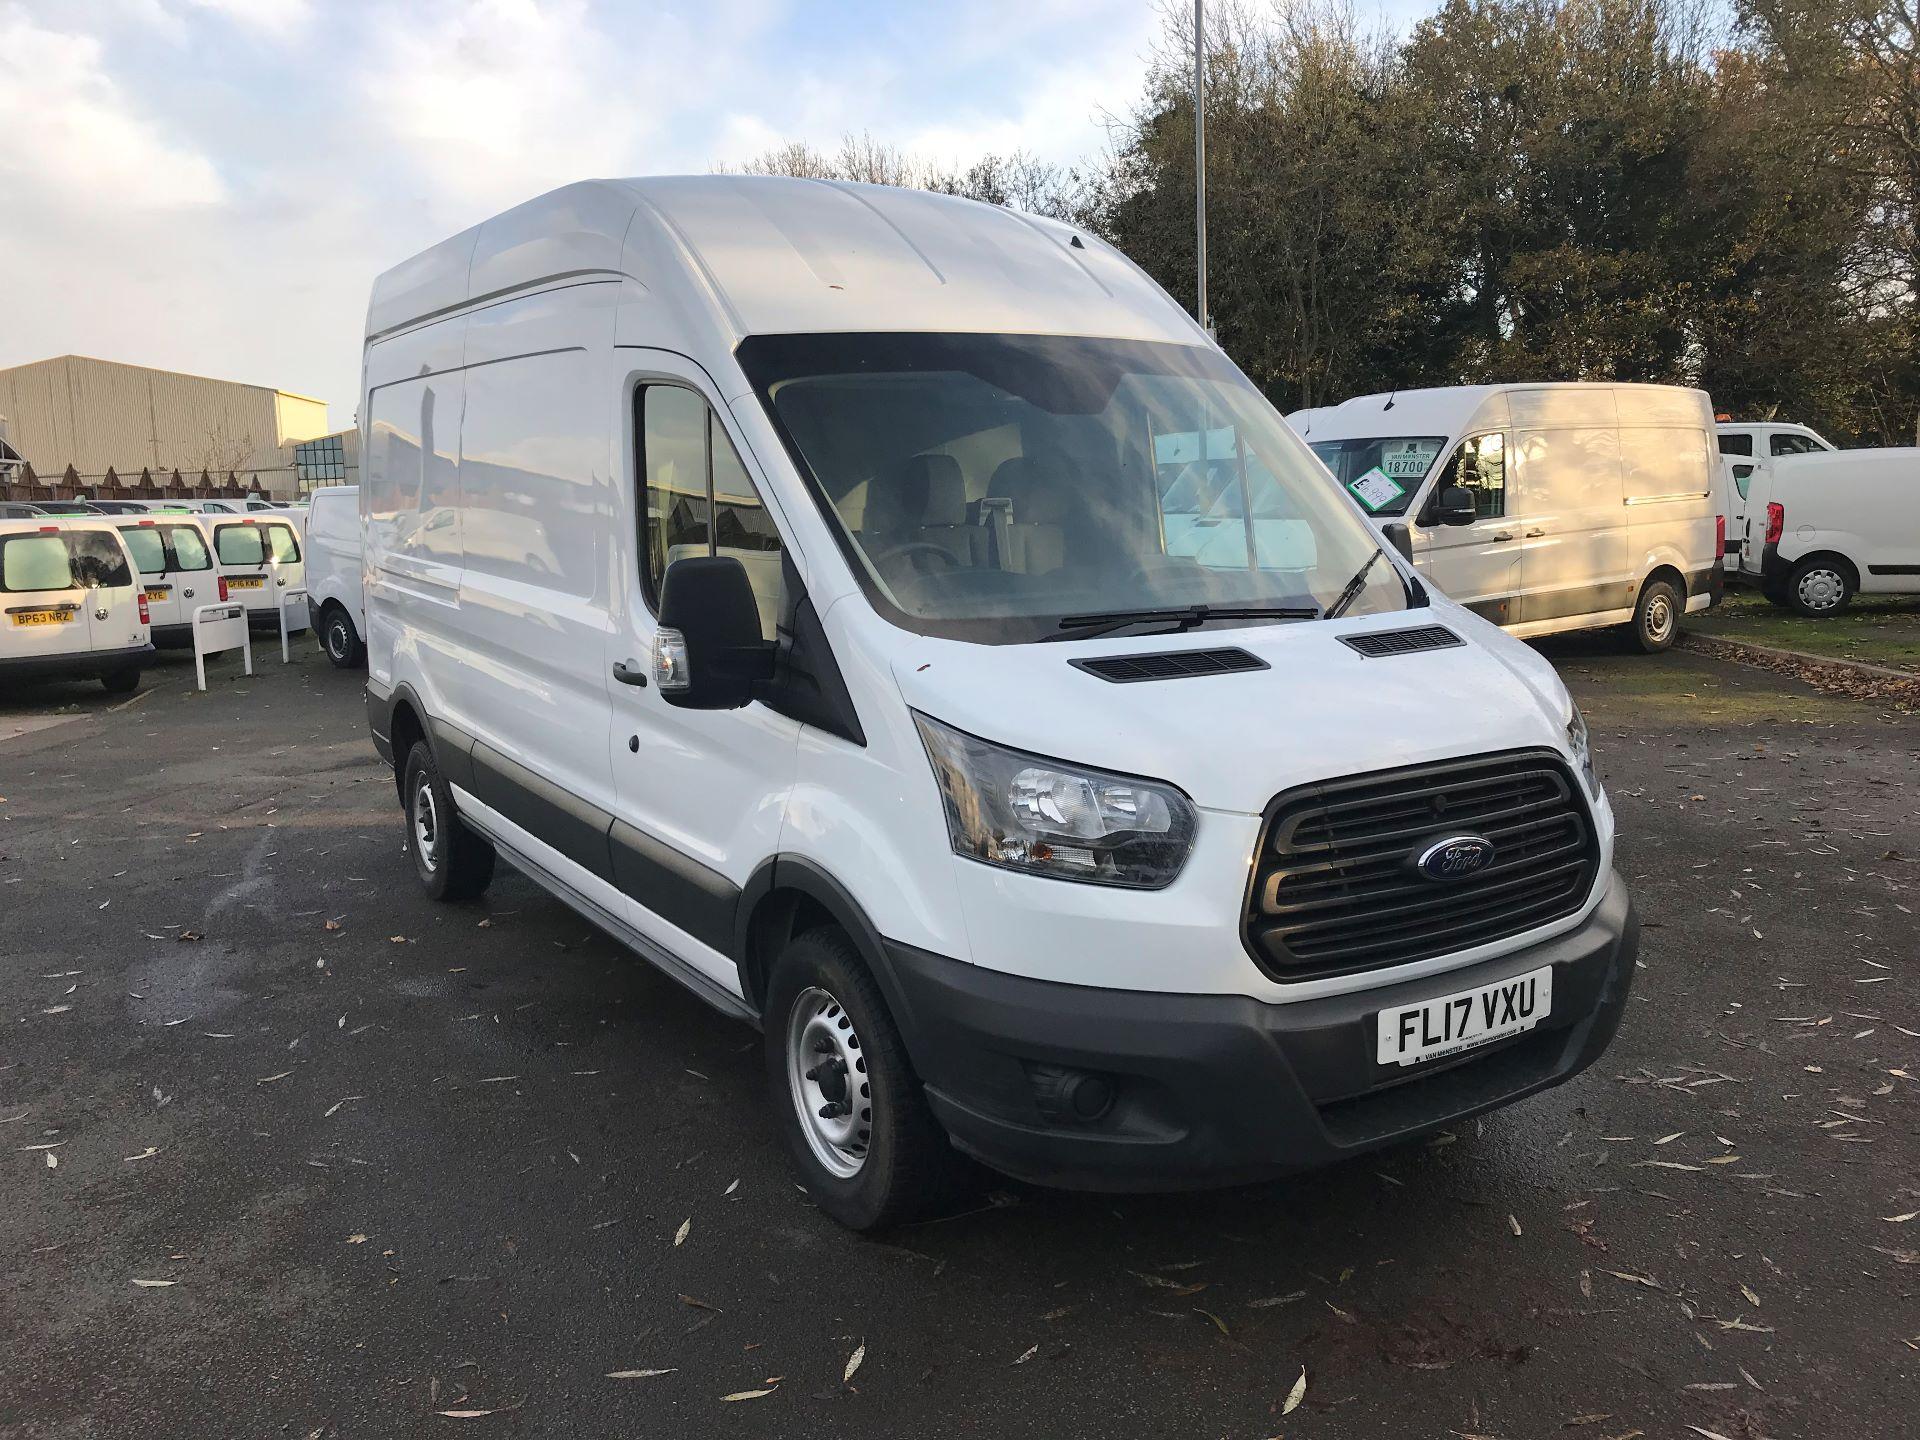 2017 Ford Transit L3 H3 VAN 130PS EURO 6 (FL17VXU)